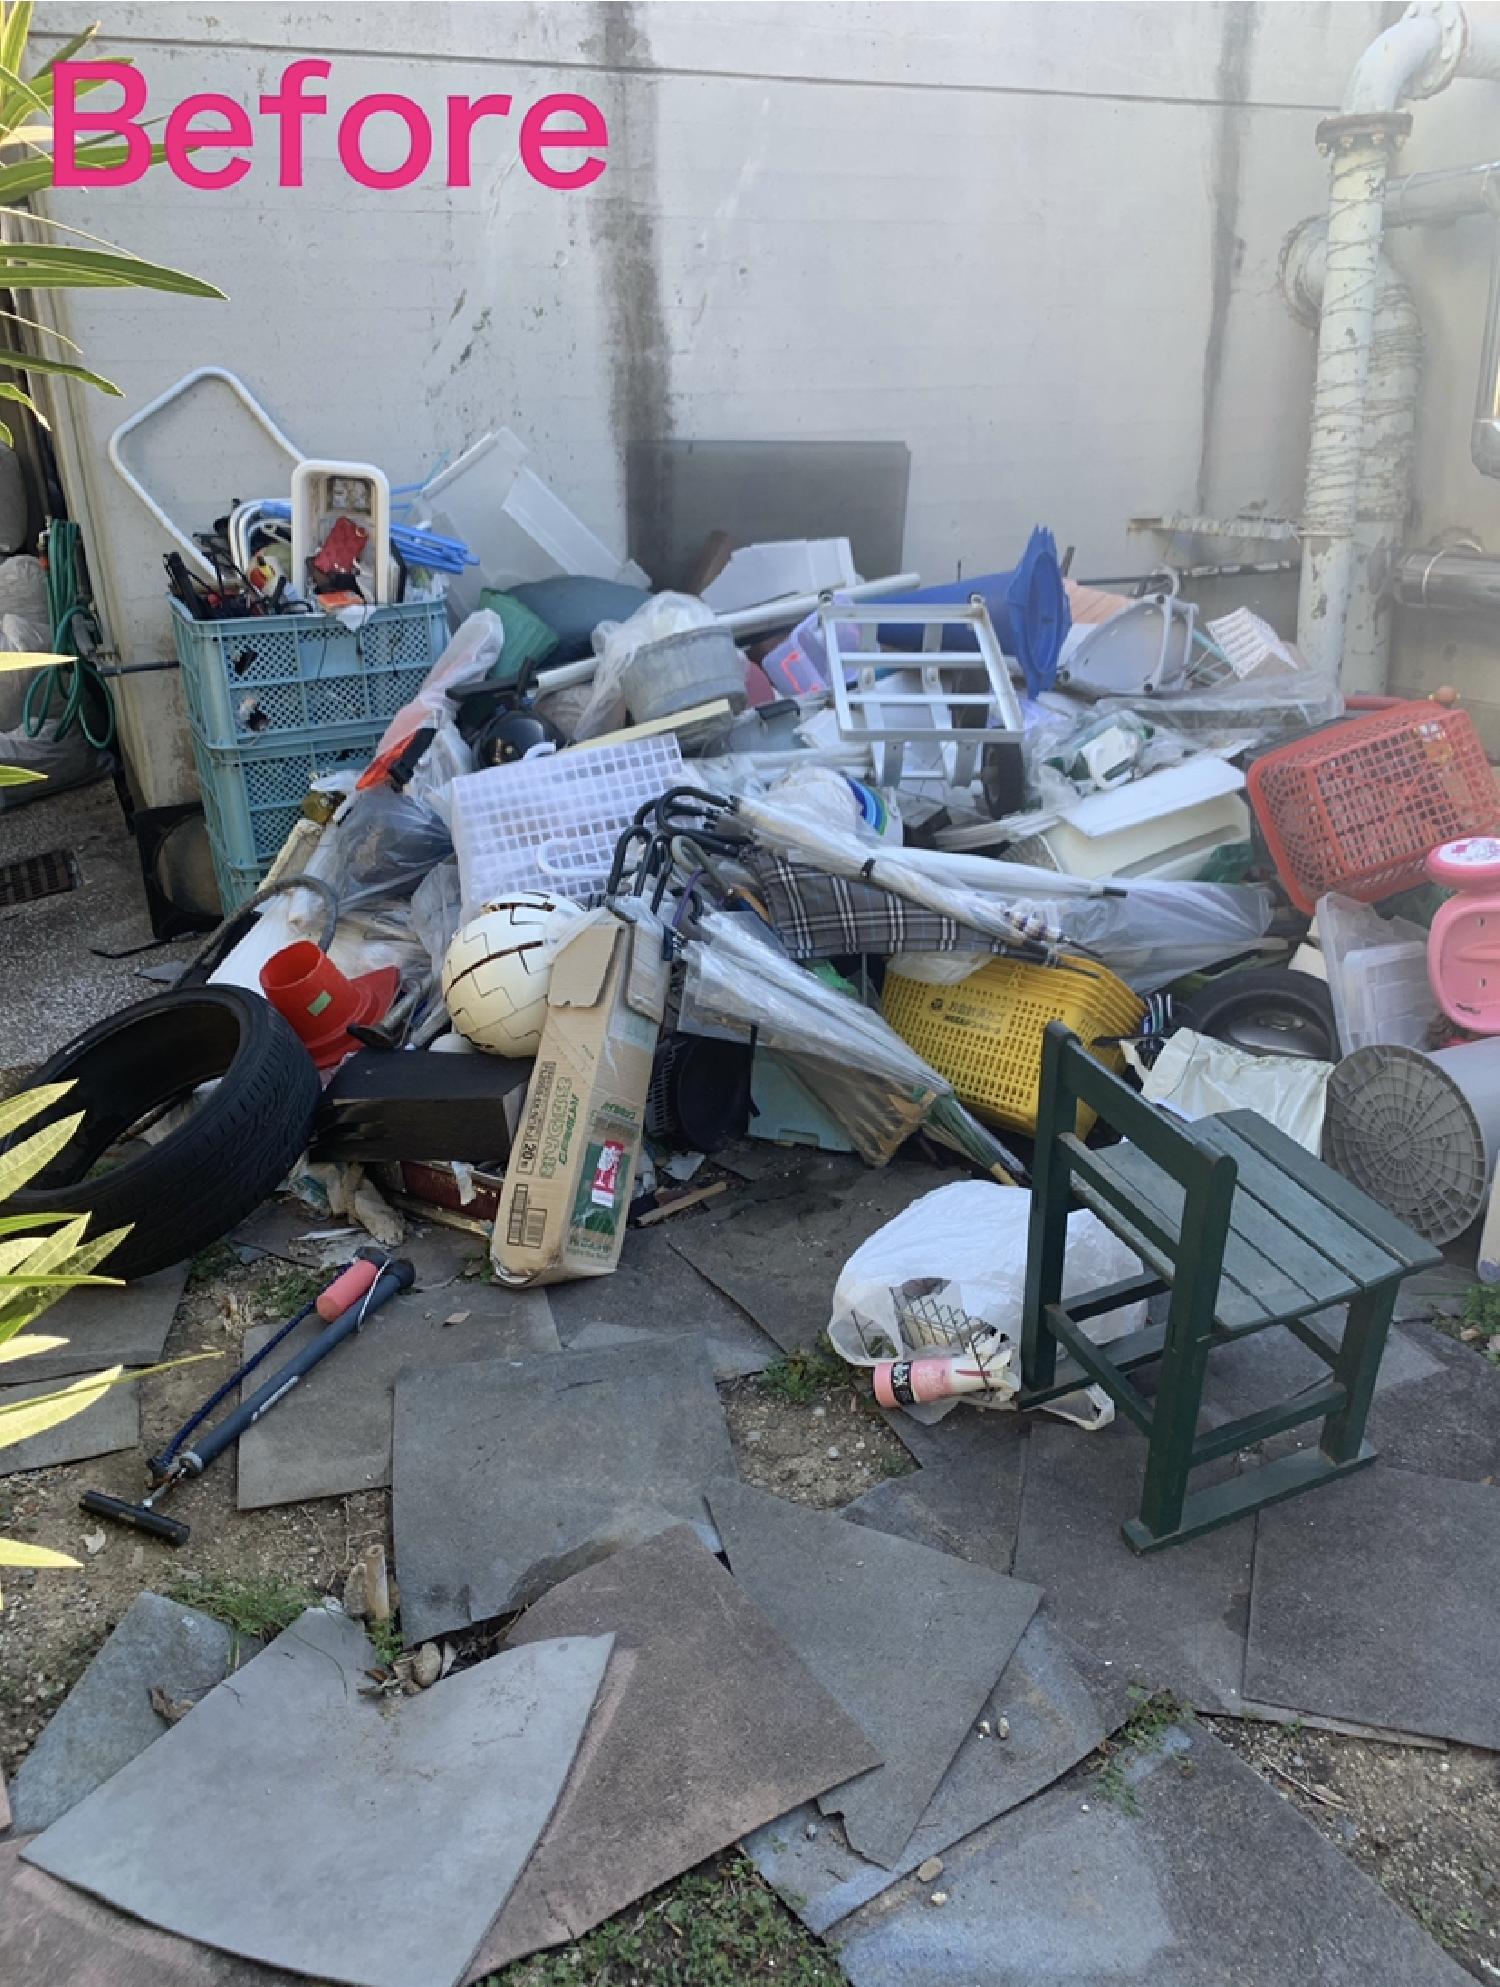 大阪府堺市北区、浅香山住宅管理組合様より不用品回収のご依頼。 画像_1